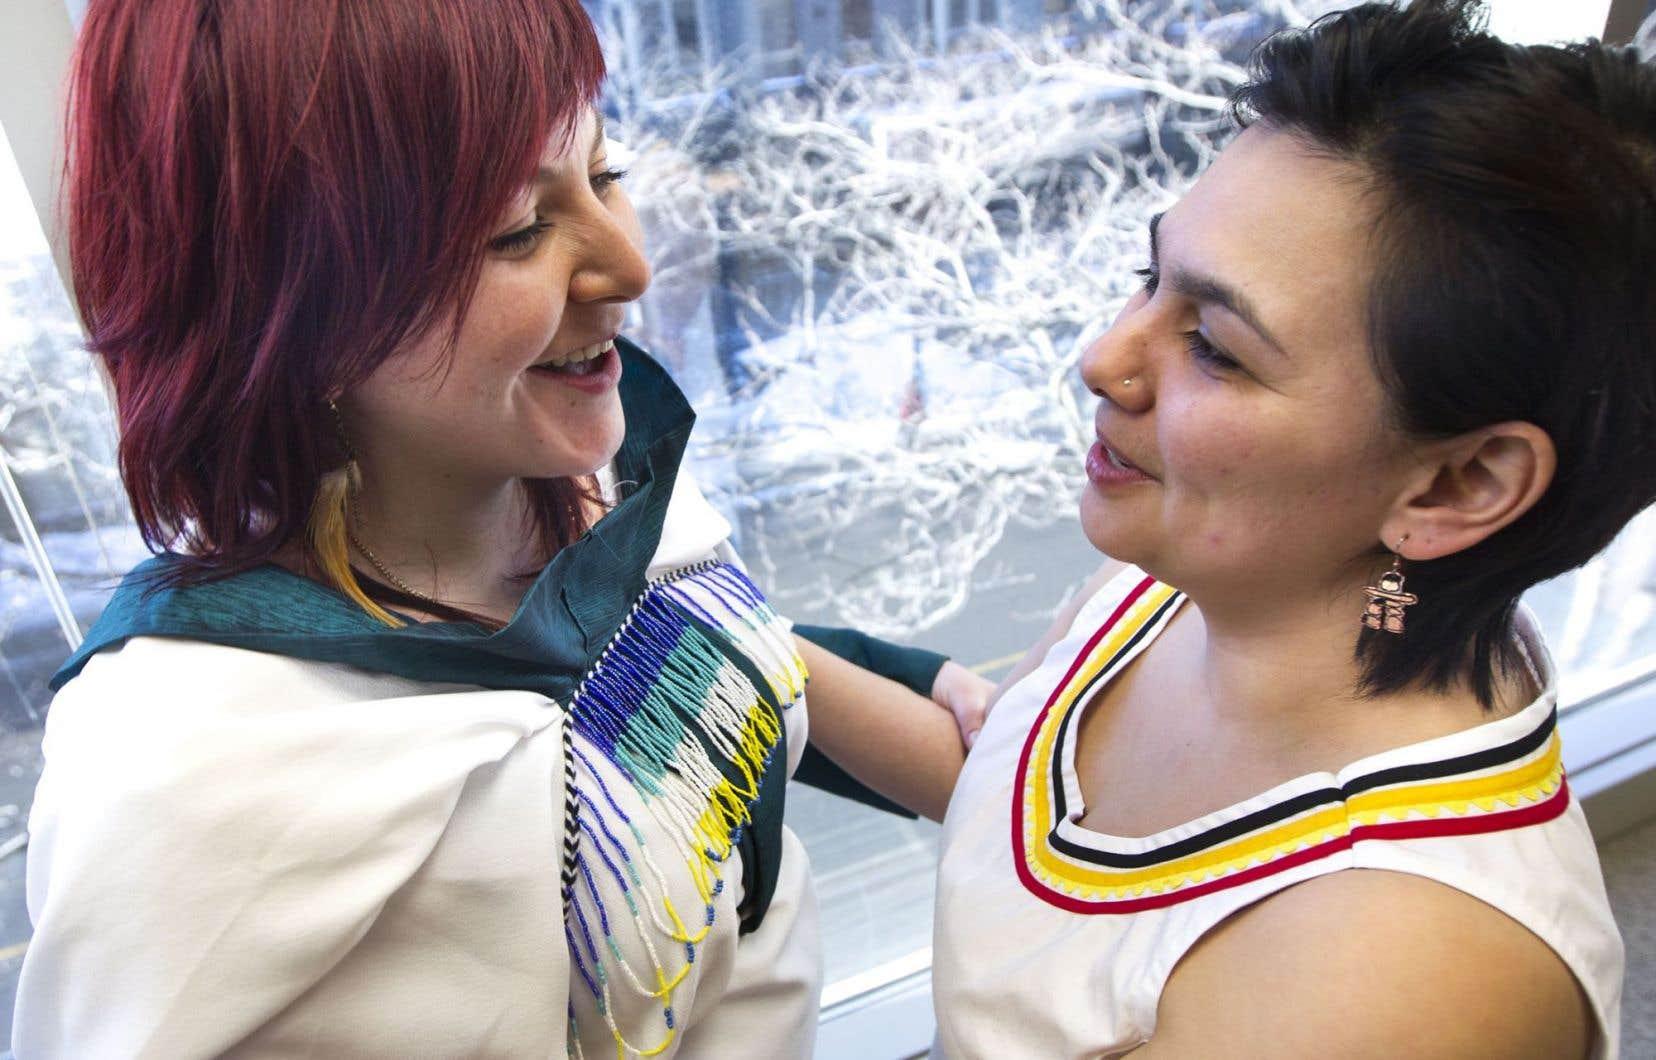 Le katajjaniq, chant de gorge inuit, est une pratique millénaire (un jeu aussi) surtout féminine.